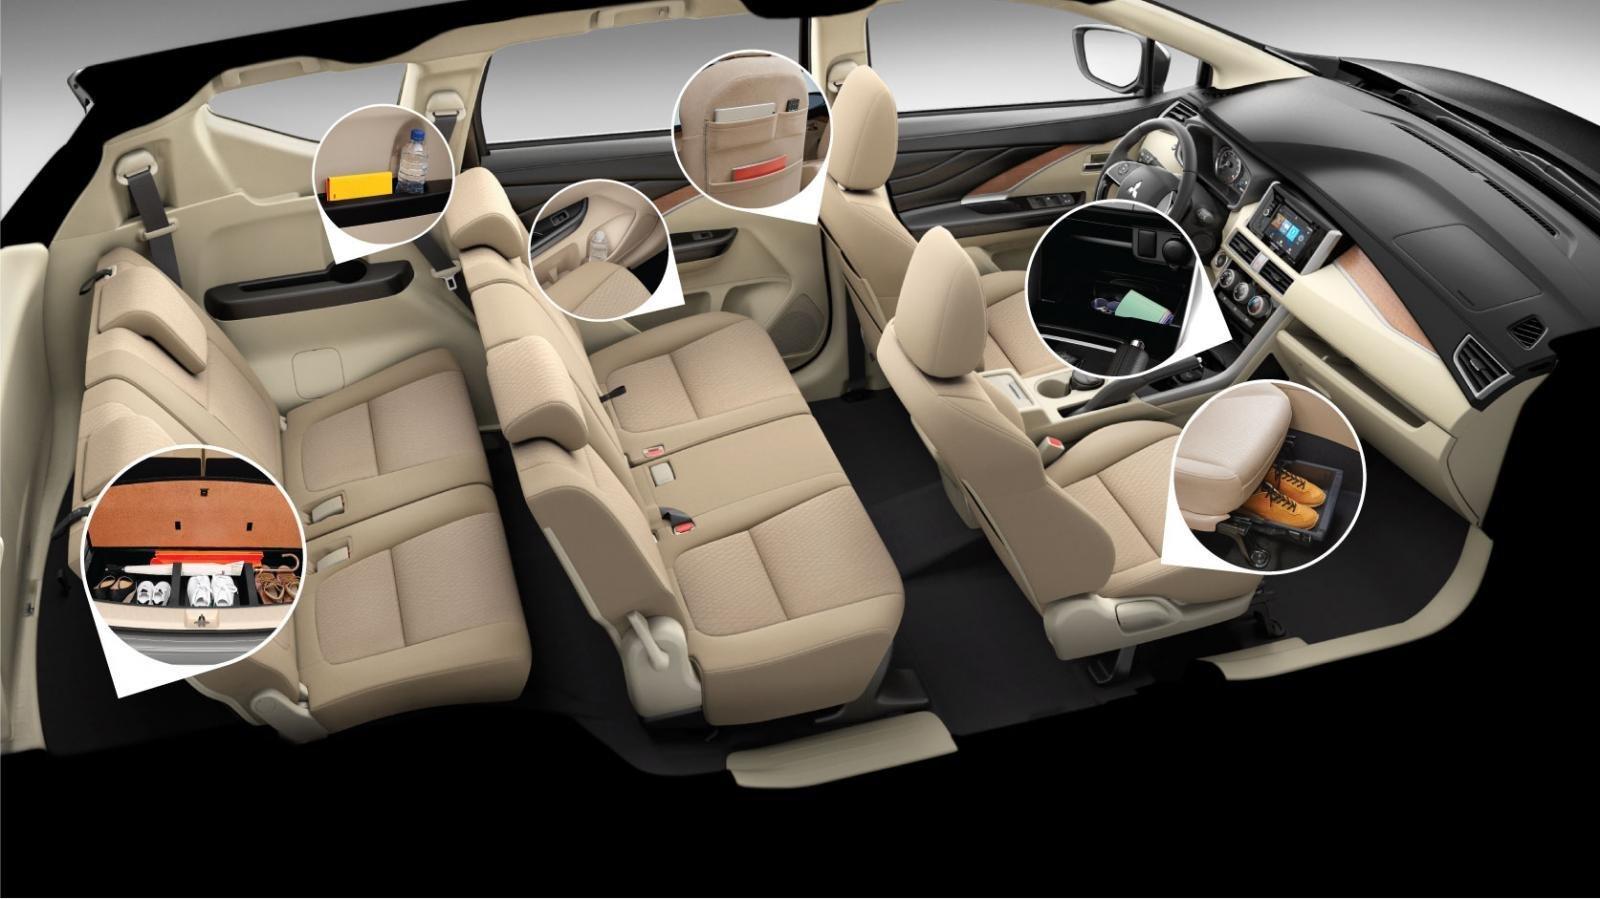 Mitsubishi Xpander 2020 có cấu hình 7 chỗ và ghế ngồi bọc nỉ cao cấp 1